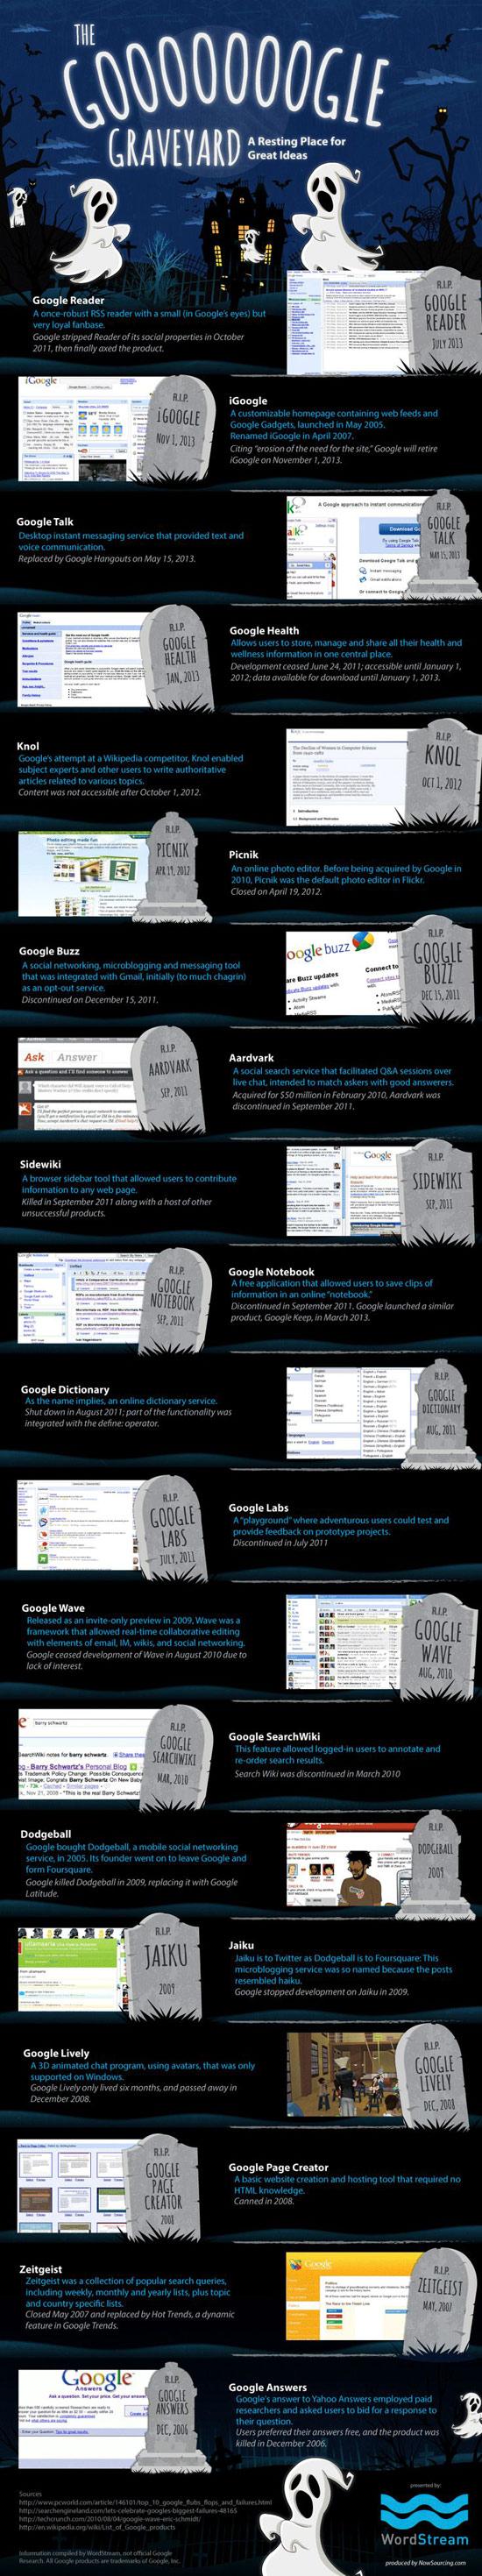 Cementerio Google, infografía